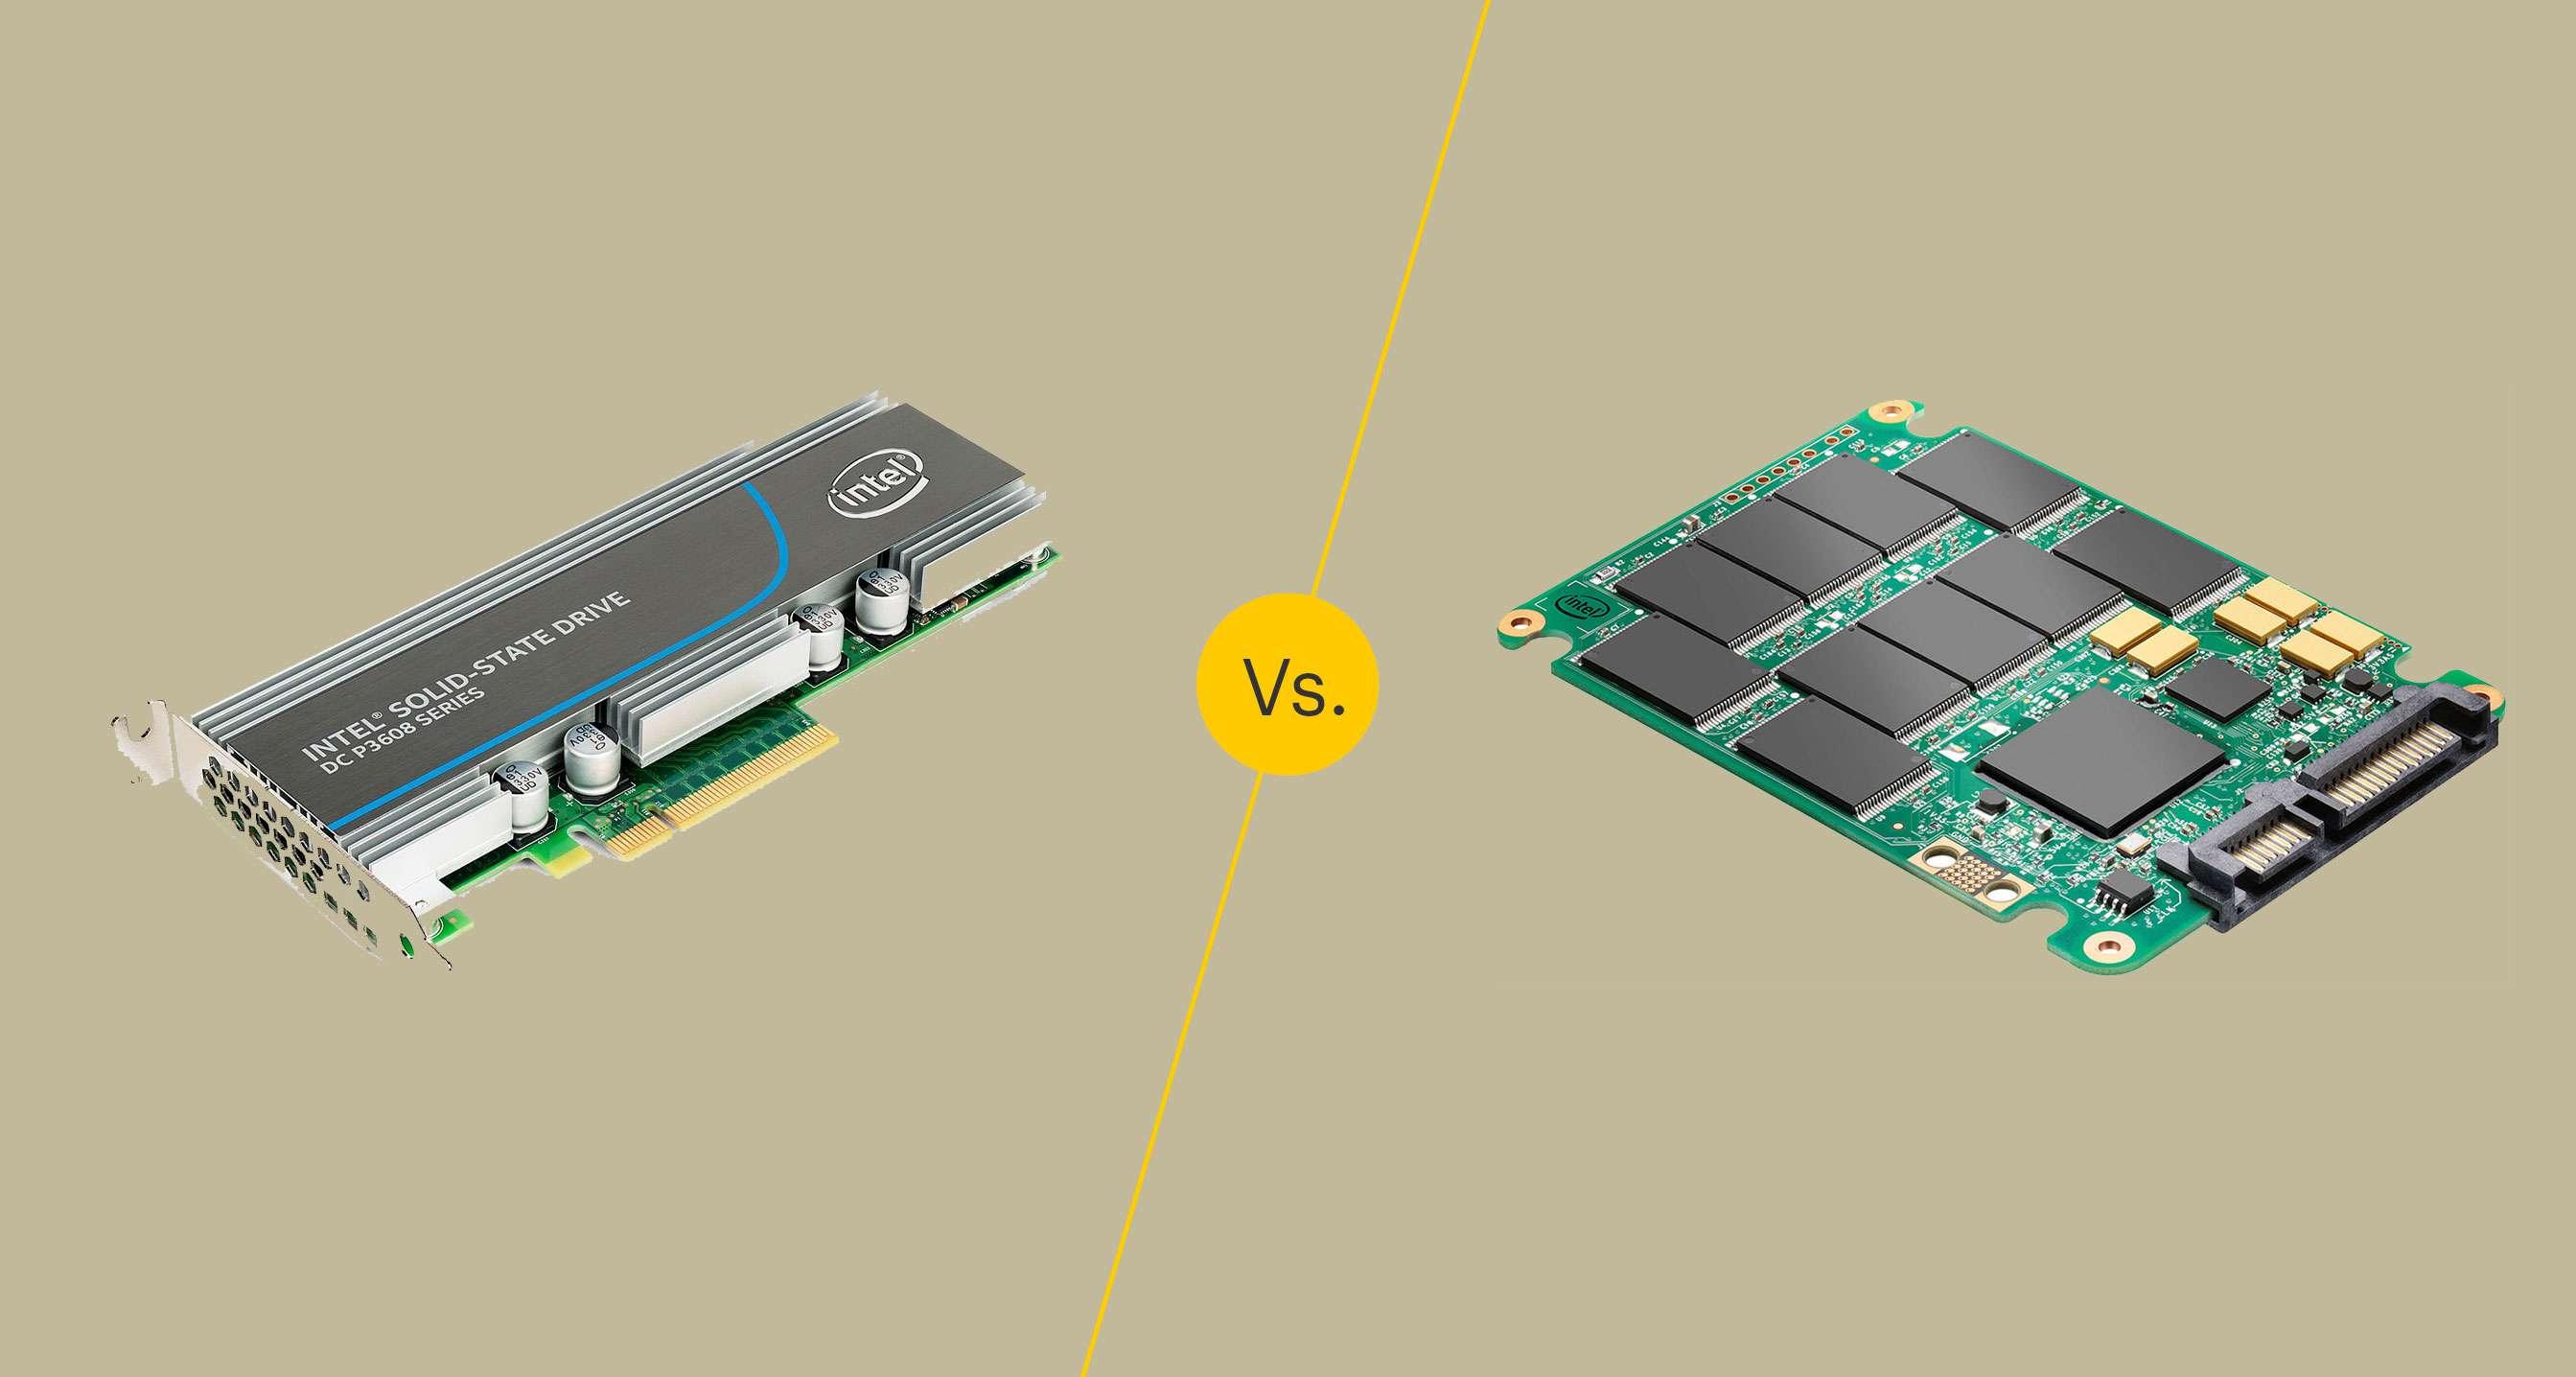 PCIe vs SSD